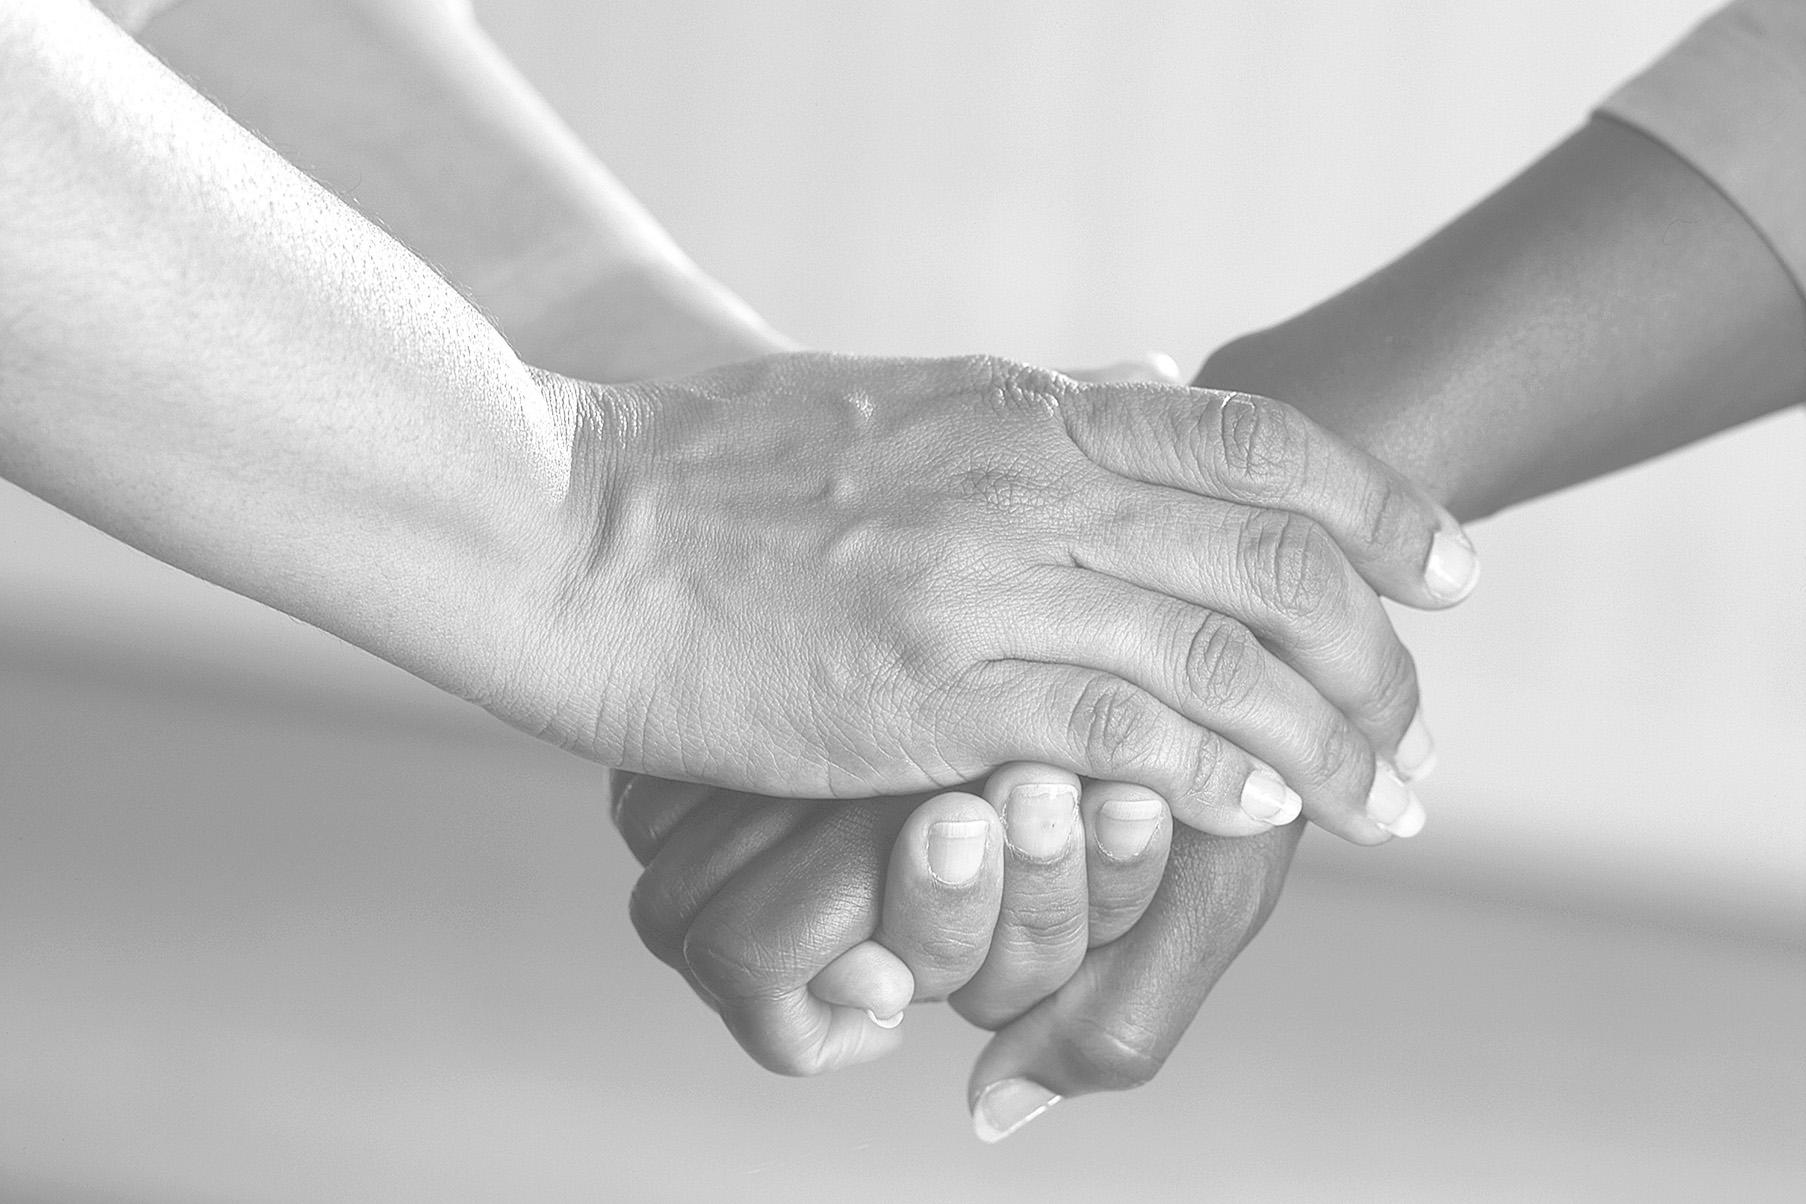 Unterstützung - Deutsche Tafeln - Hände greifen ineinander